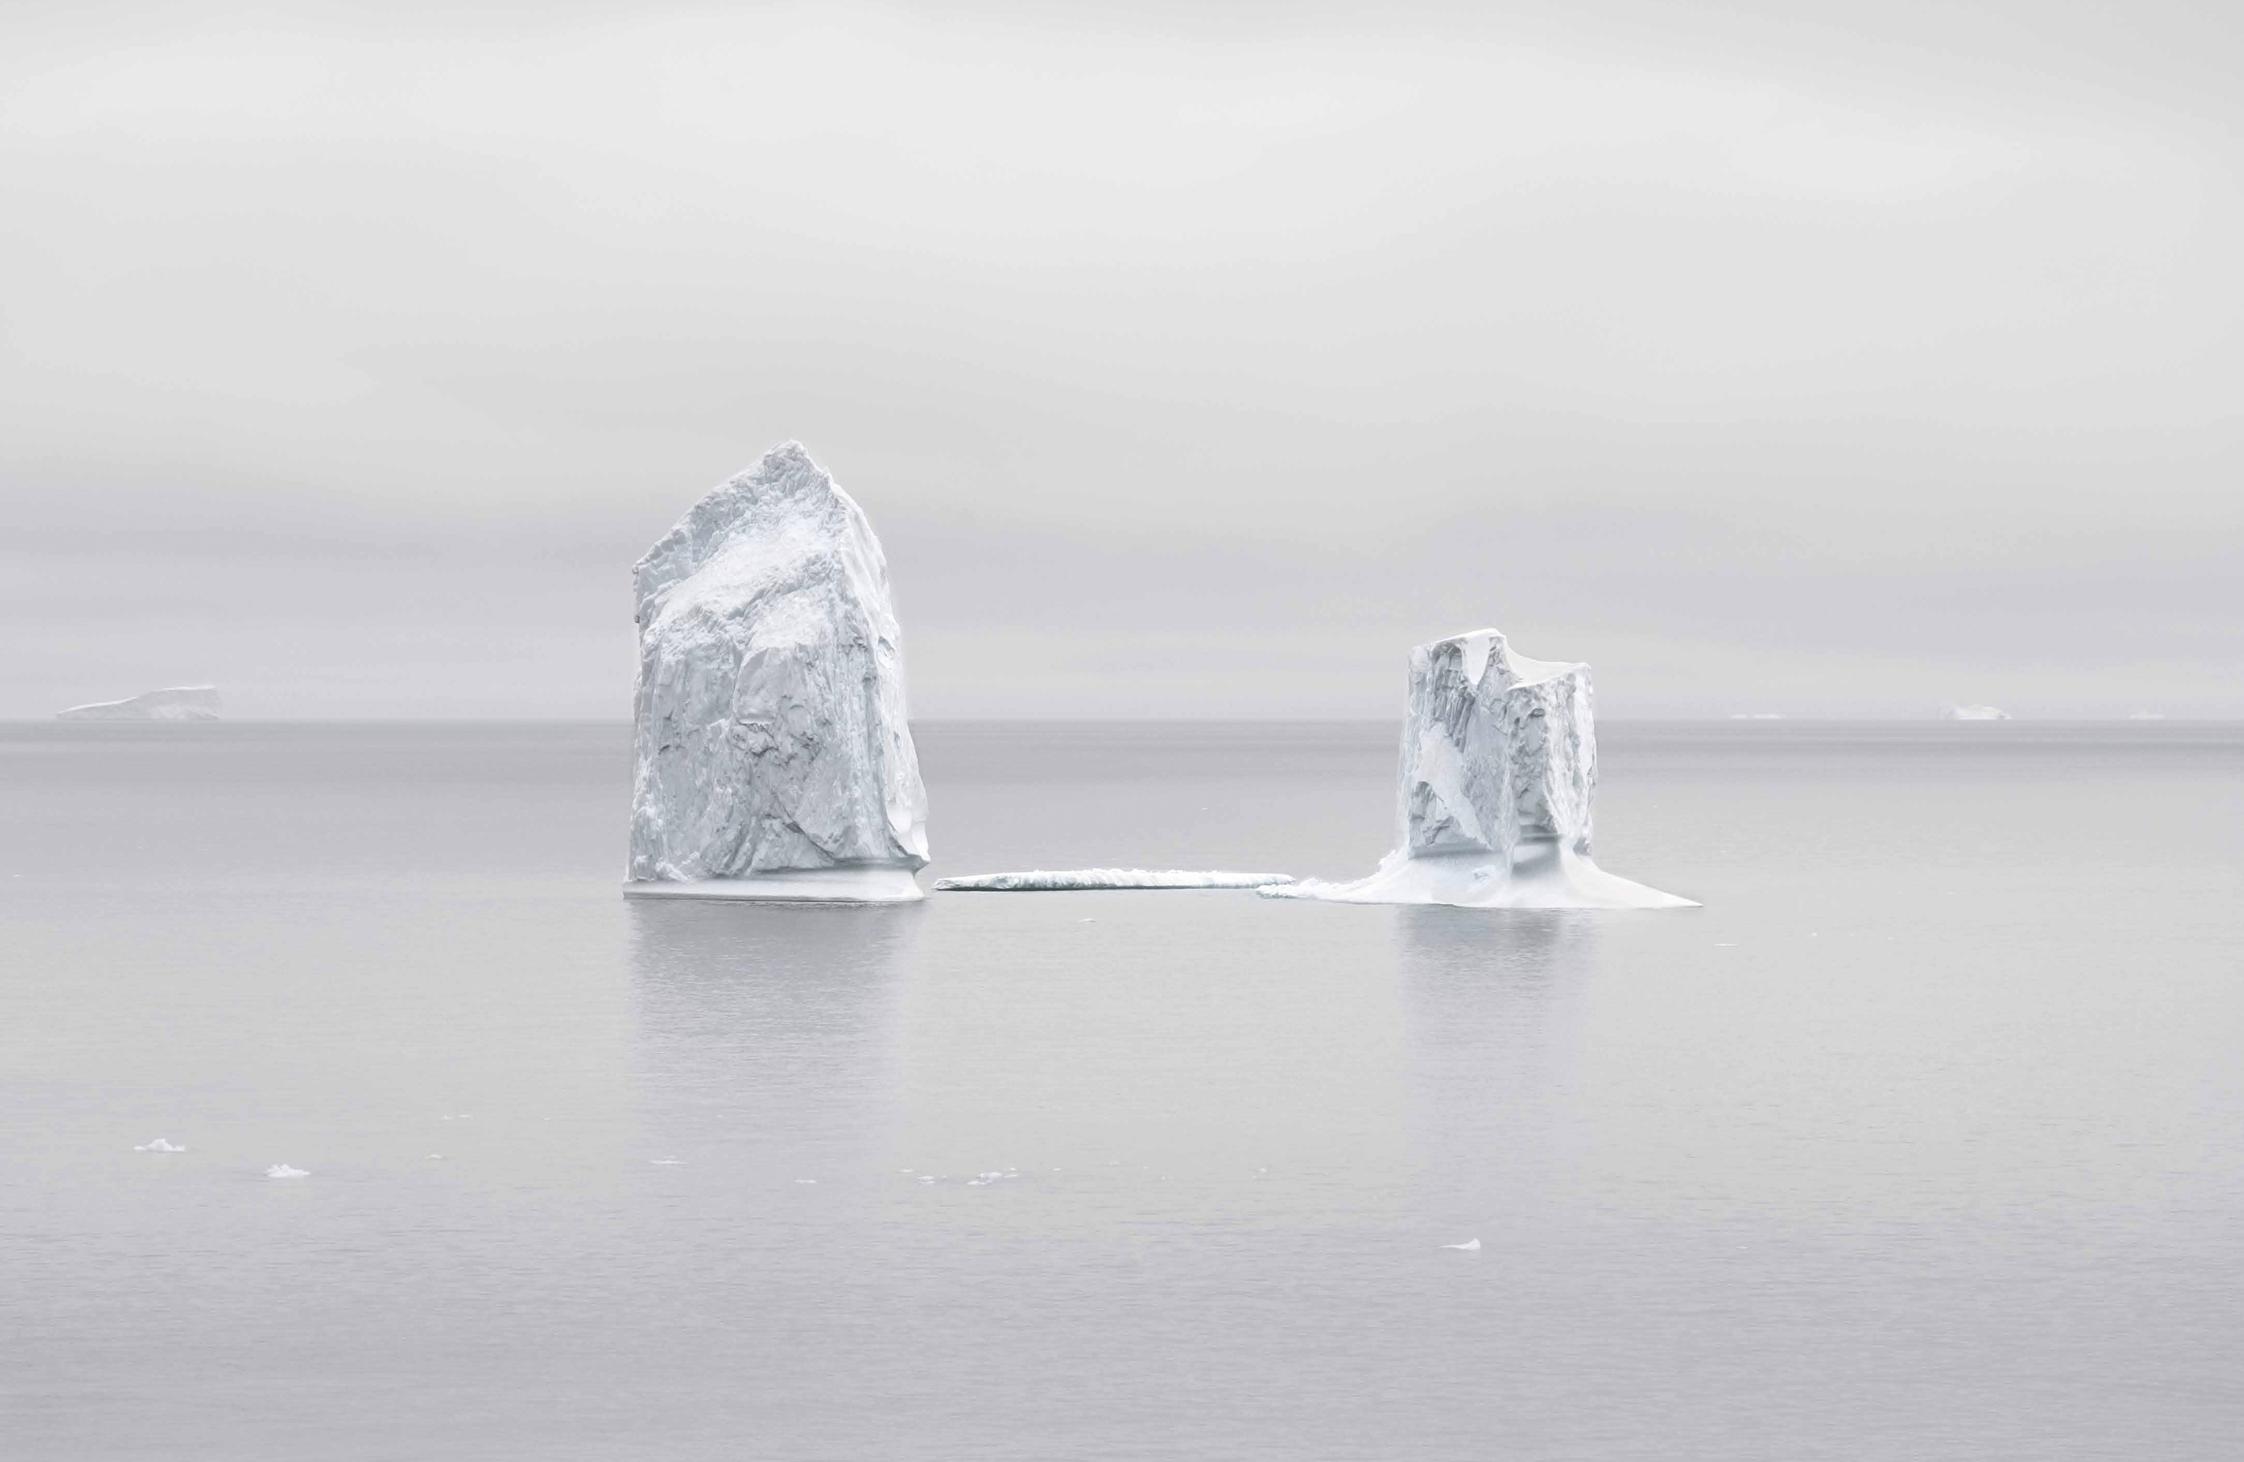 Fernando Moleres. Icebergs, Círculo Polar Ártico, Oeste Groenlandia. 2014 © Fernando Moleres